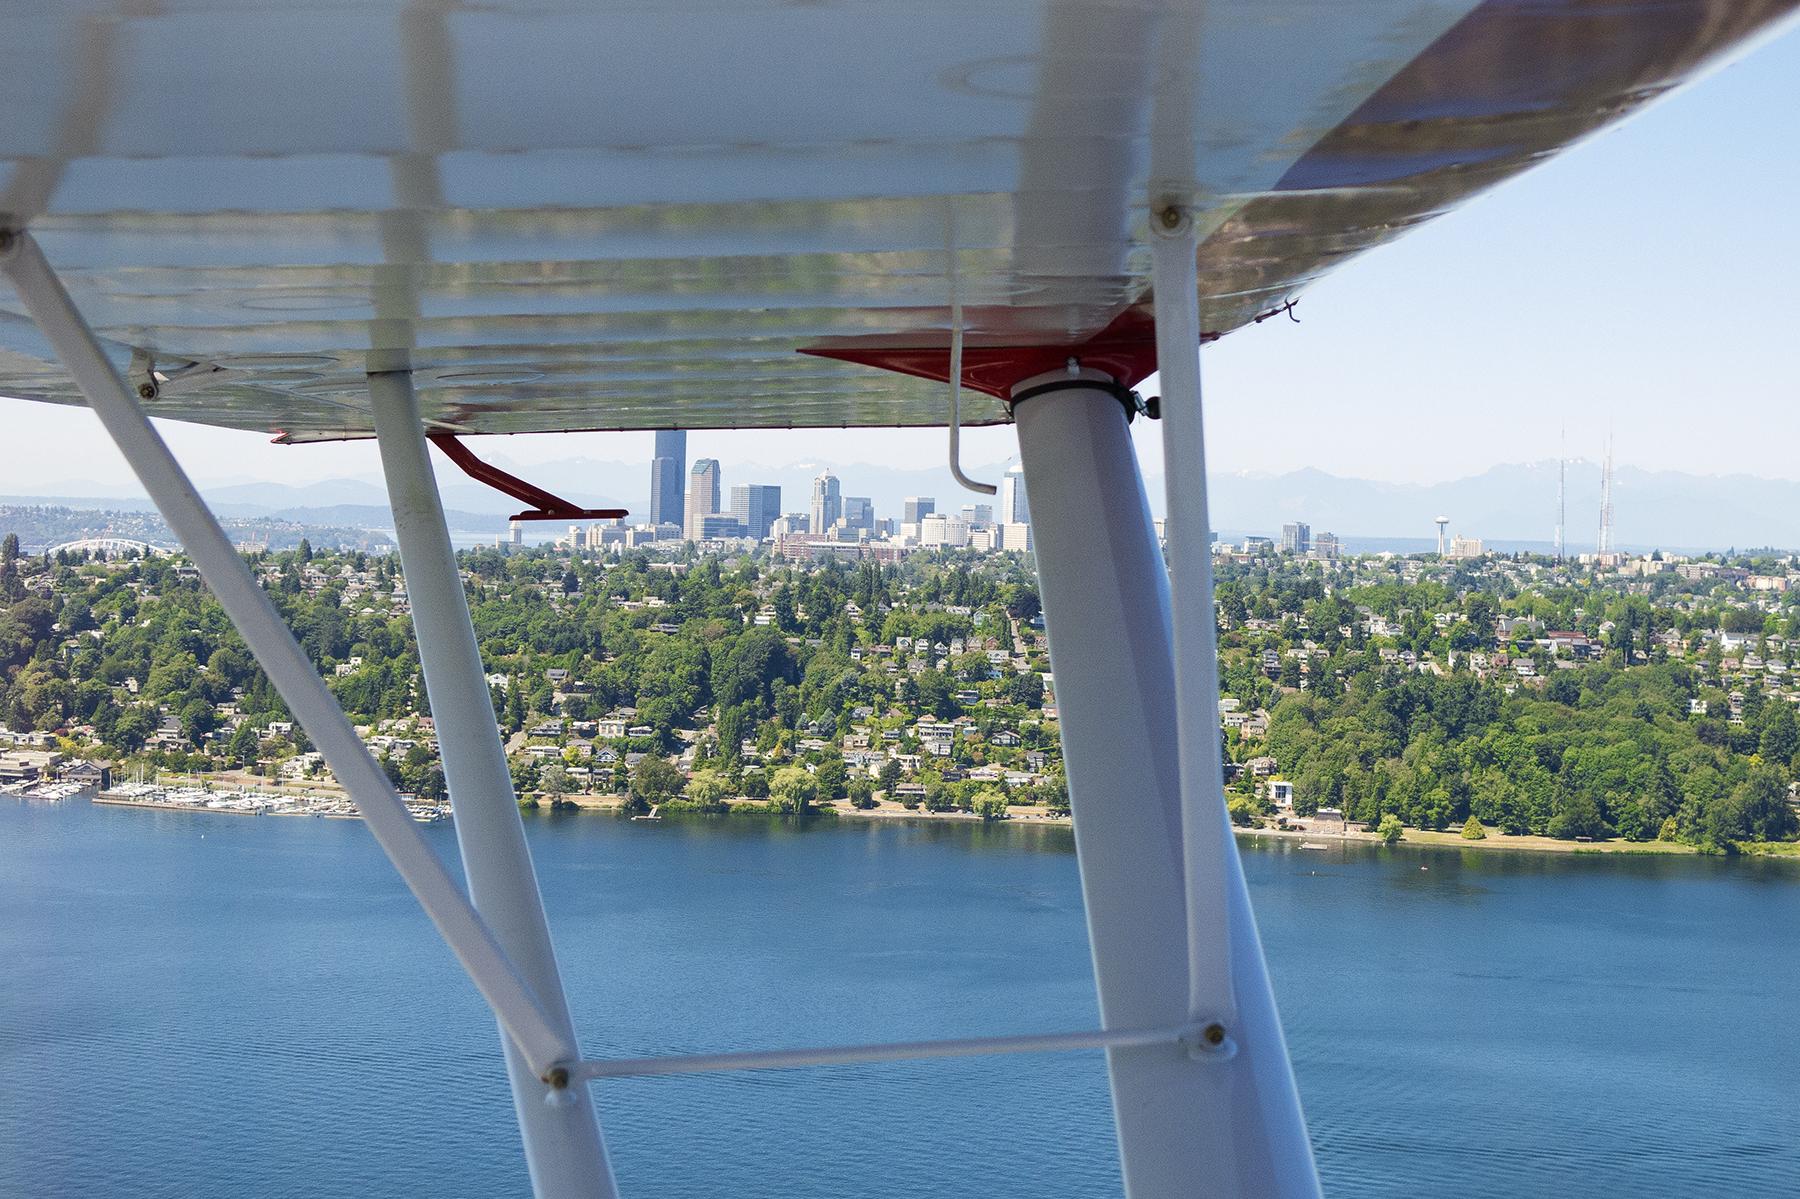 Seattle strut view